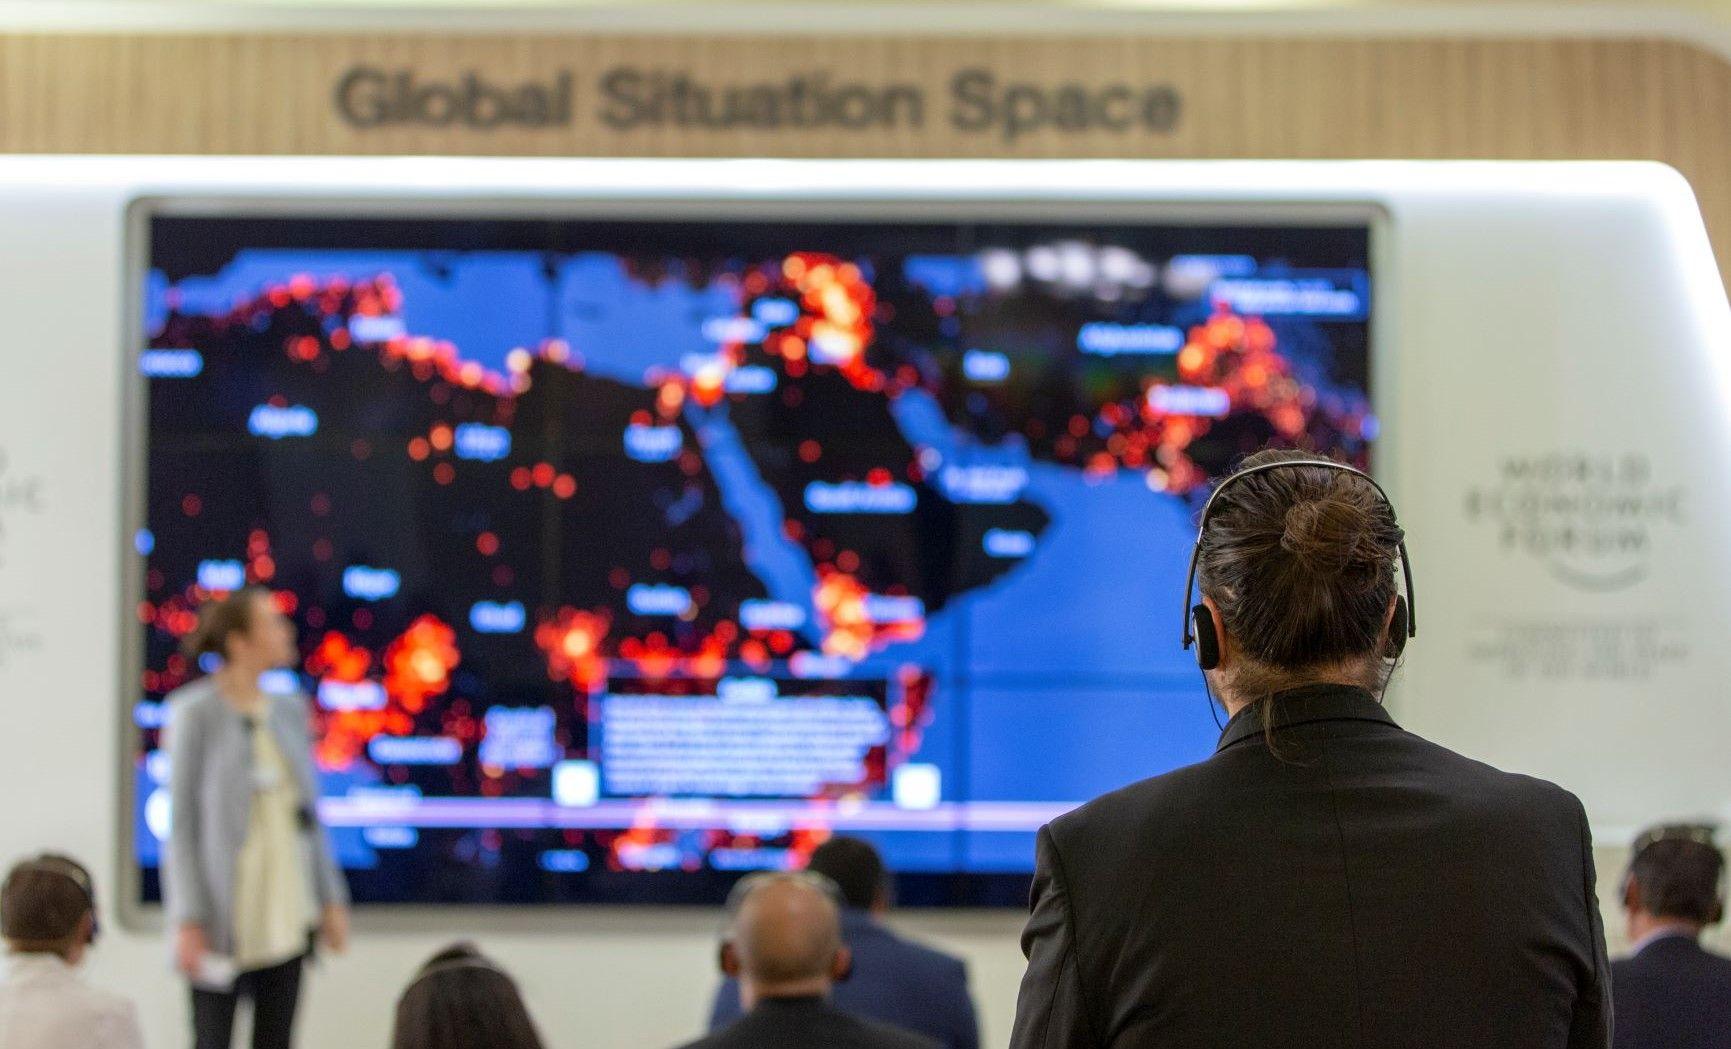 الشرق الأوسط يسير بخطى بطيئة نحو الثورة الصناعية الرابعة